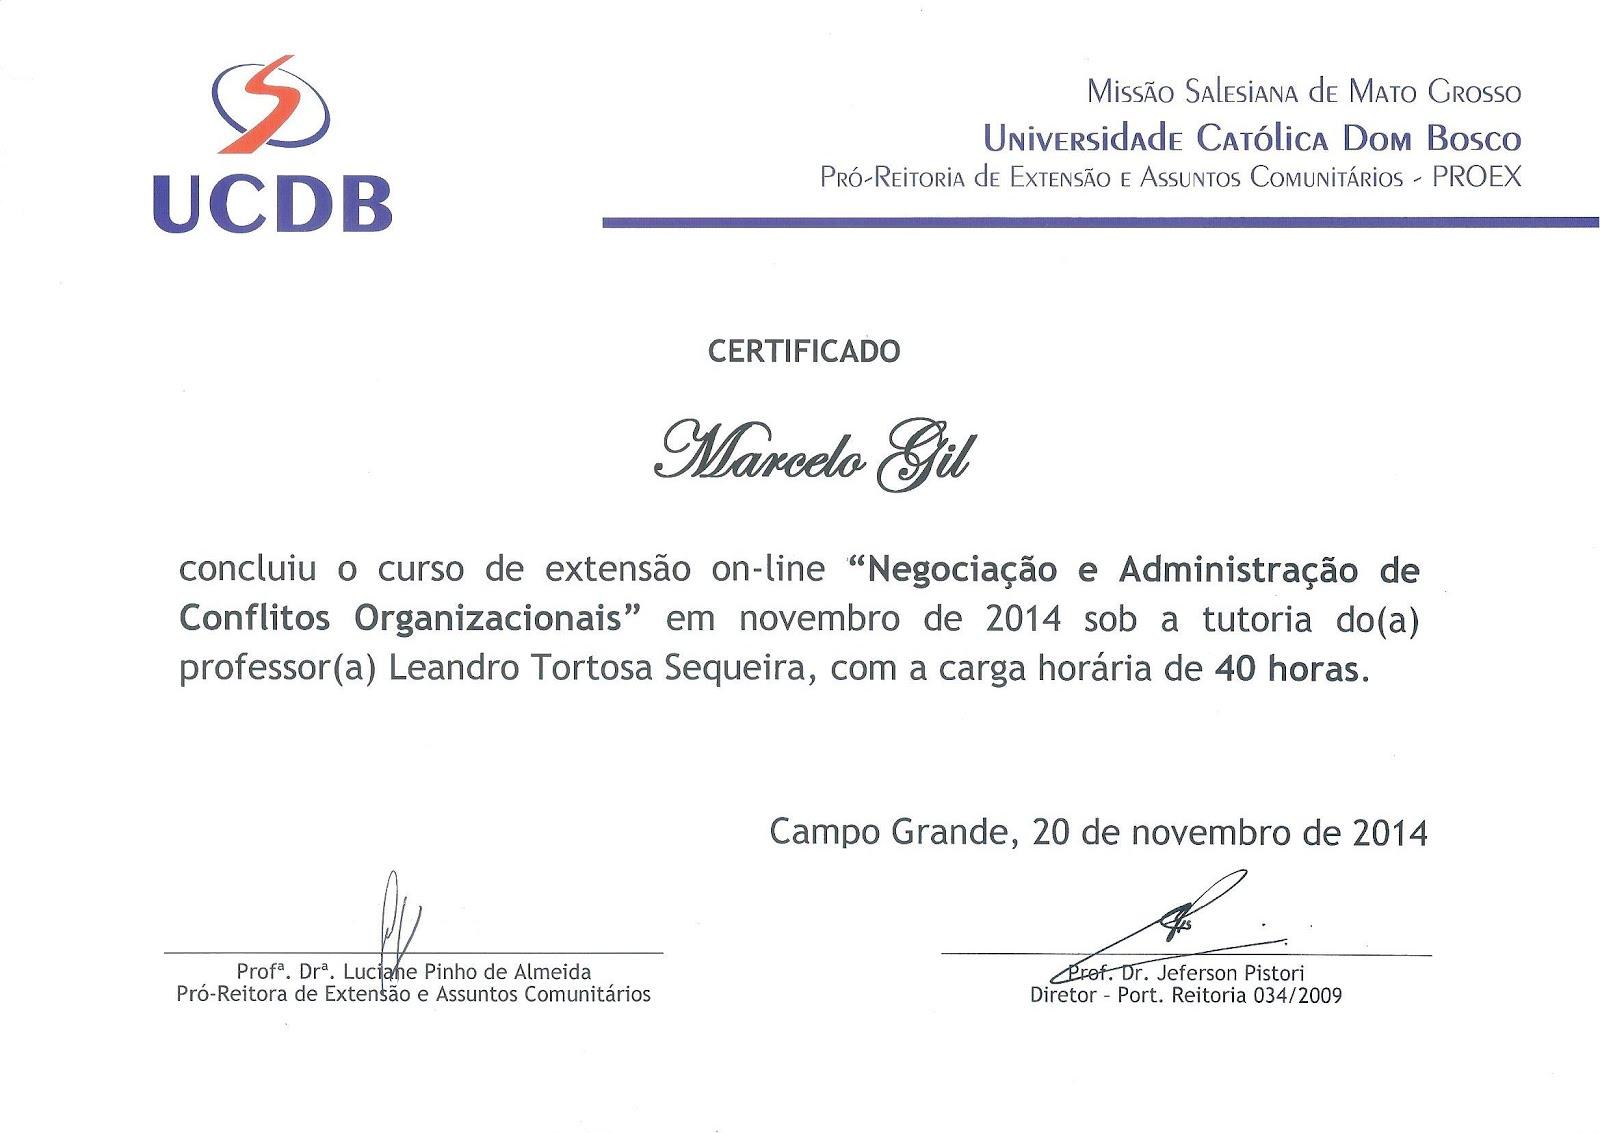 CERTIFICADO CONCEDIDO À MARCELO GIL PELA UNIVERSIDADE CATÓLICA DOM BOSCO - 2014